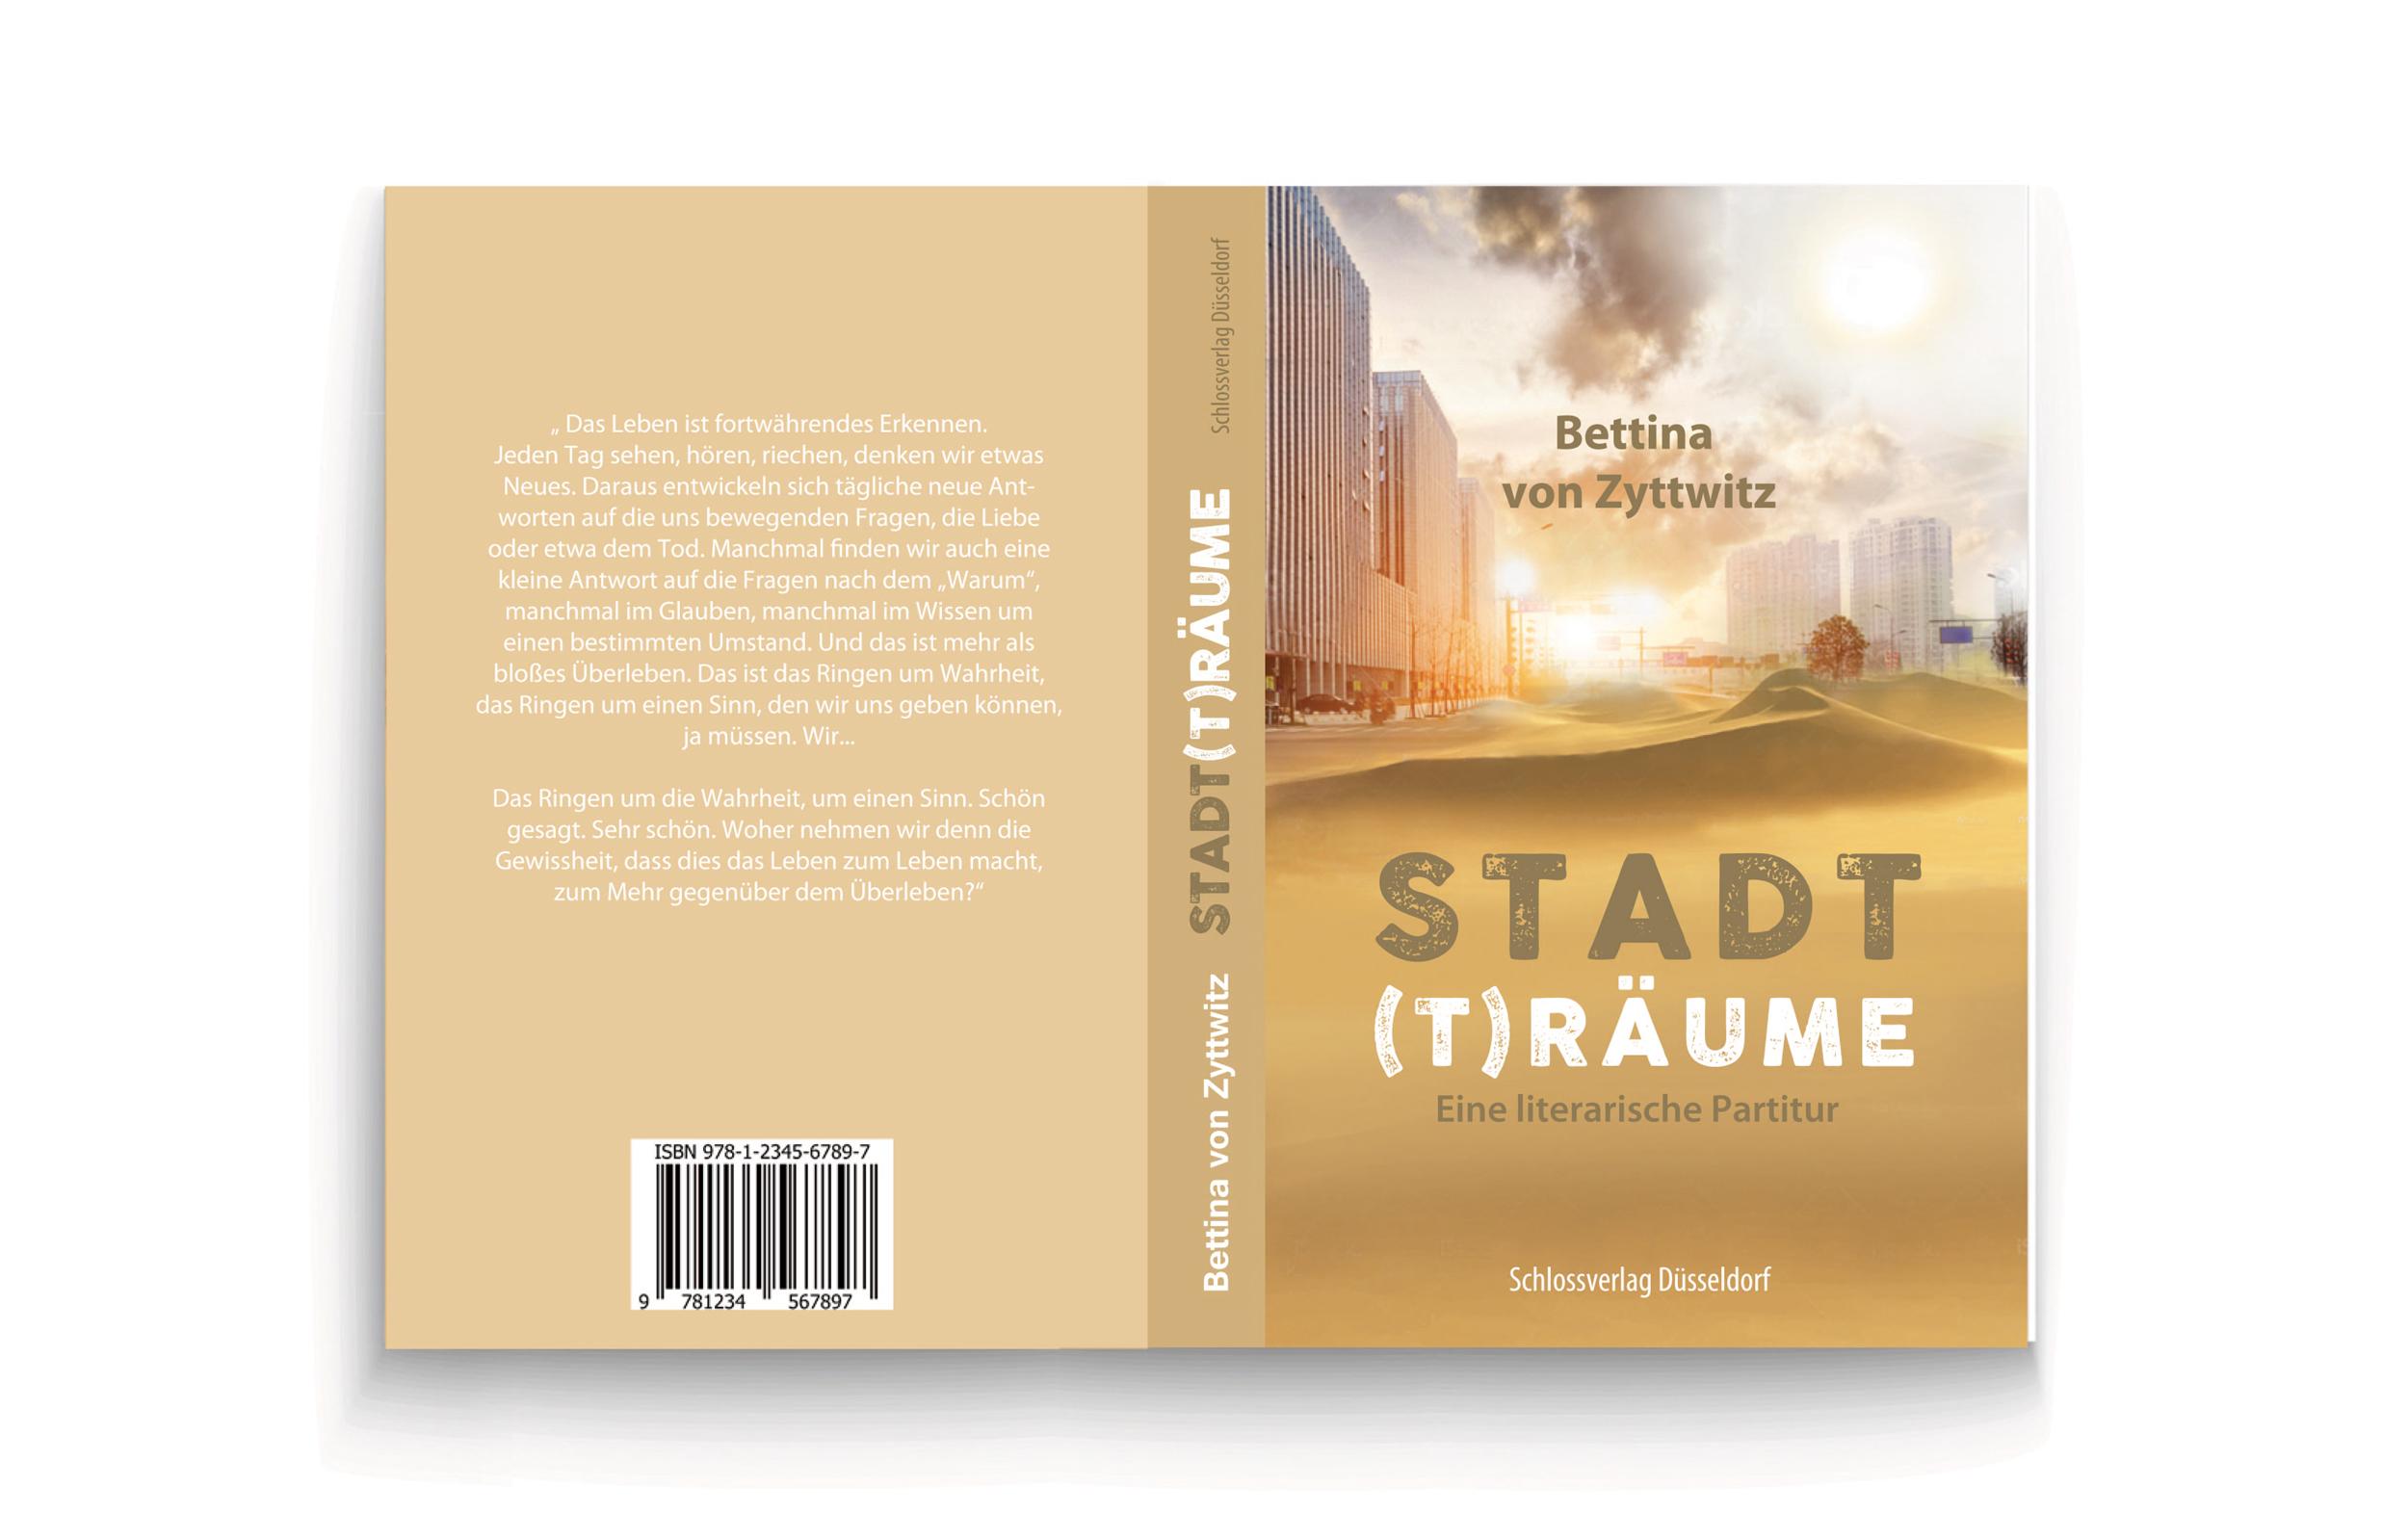 Kleiner Verlag möchte ein Buchcover (Taschenbuch) für einen Roman designen lassen